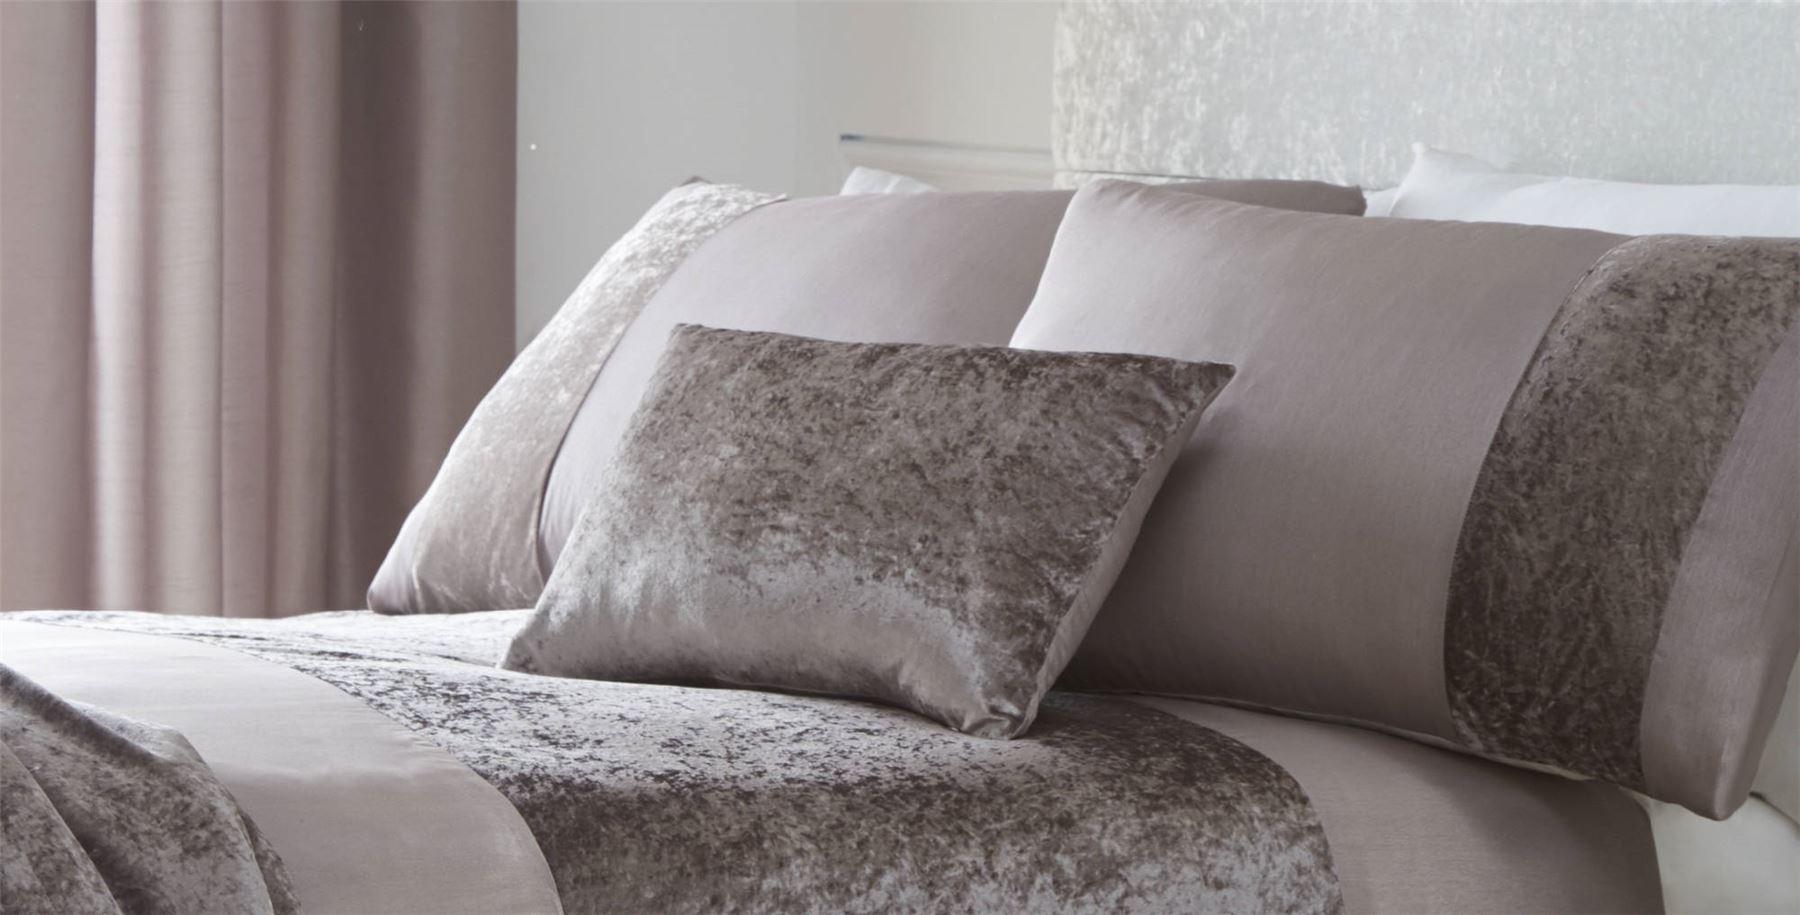 Luxury Crushed Velvet Panel Duvet Cover Bedding Set